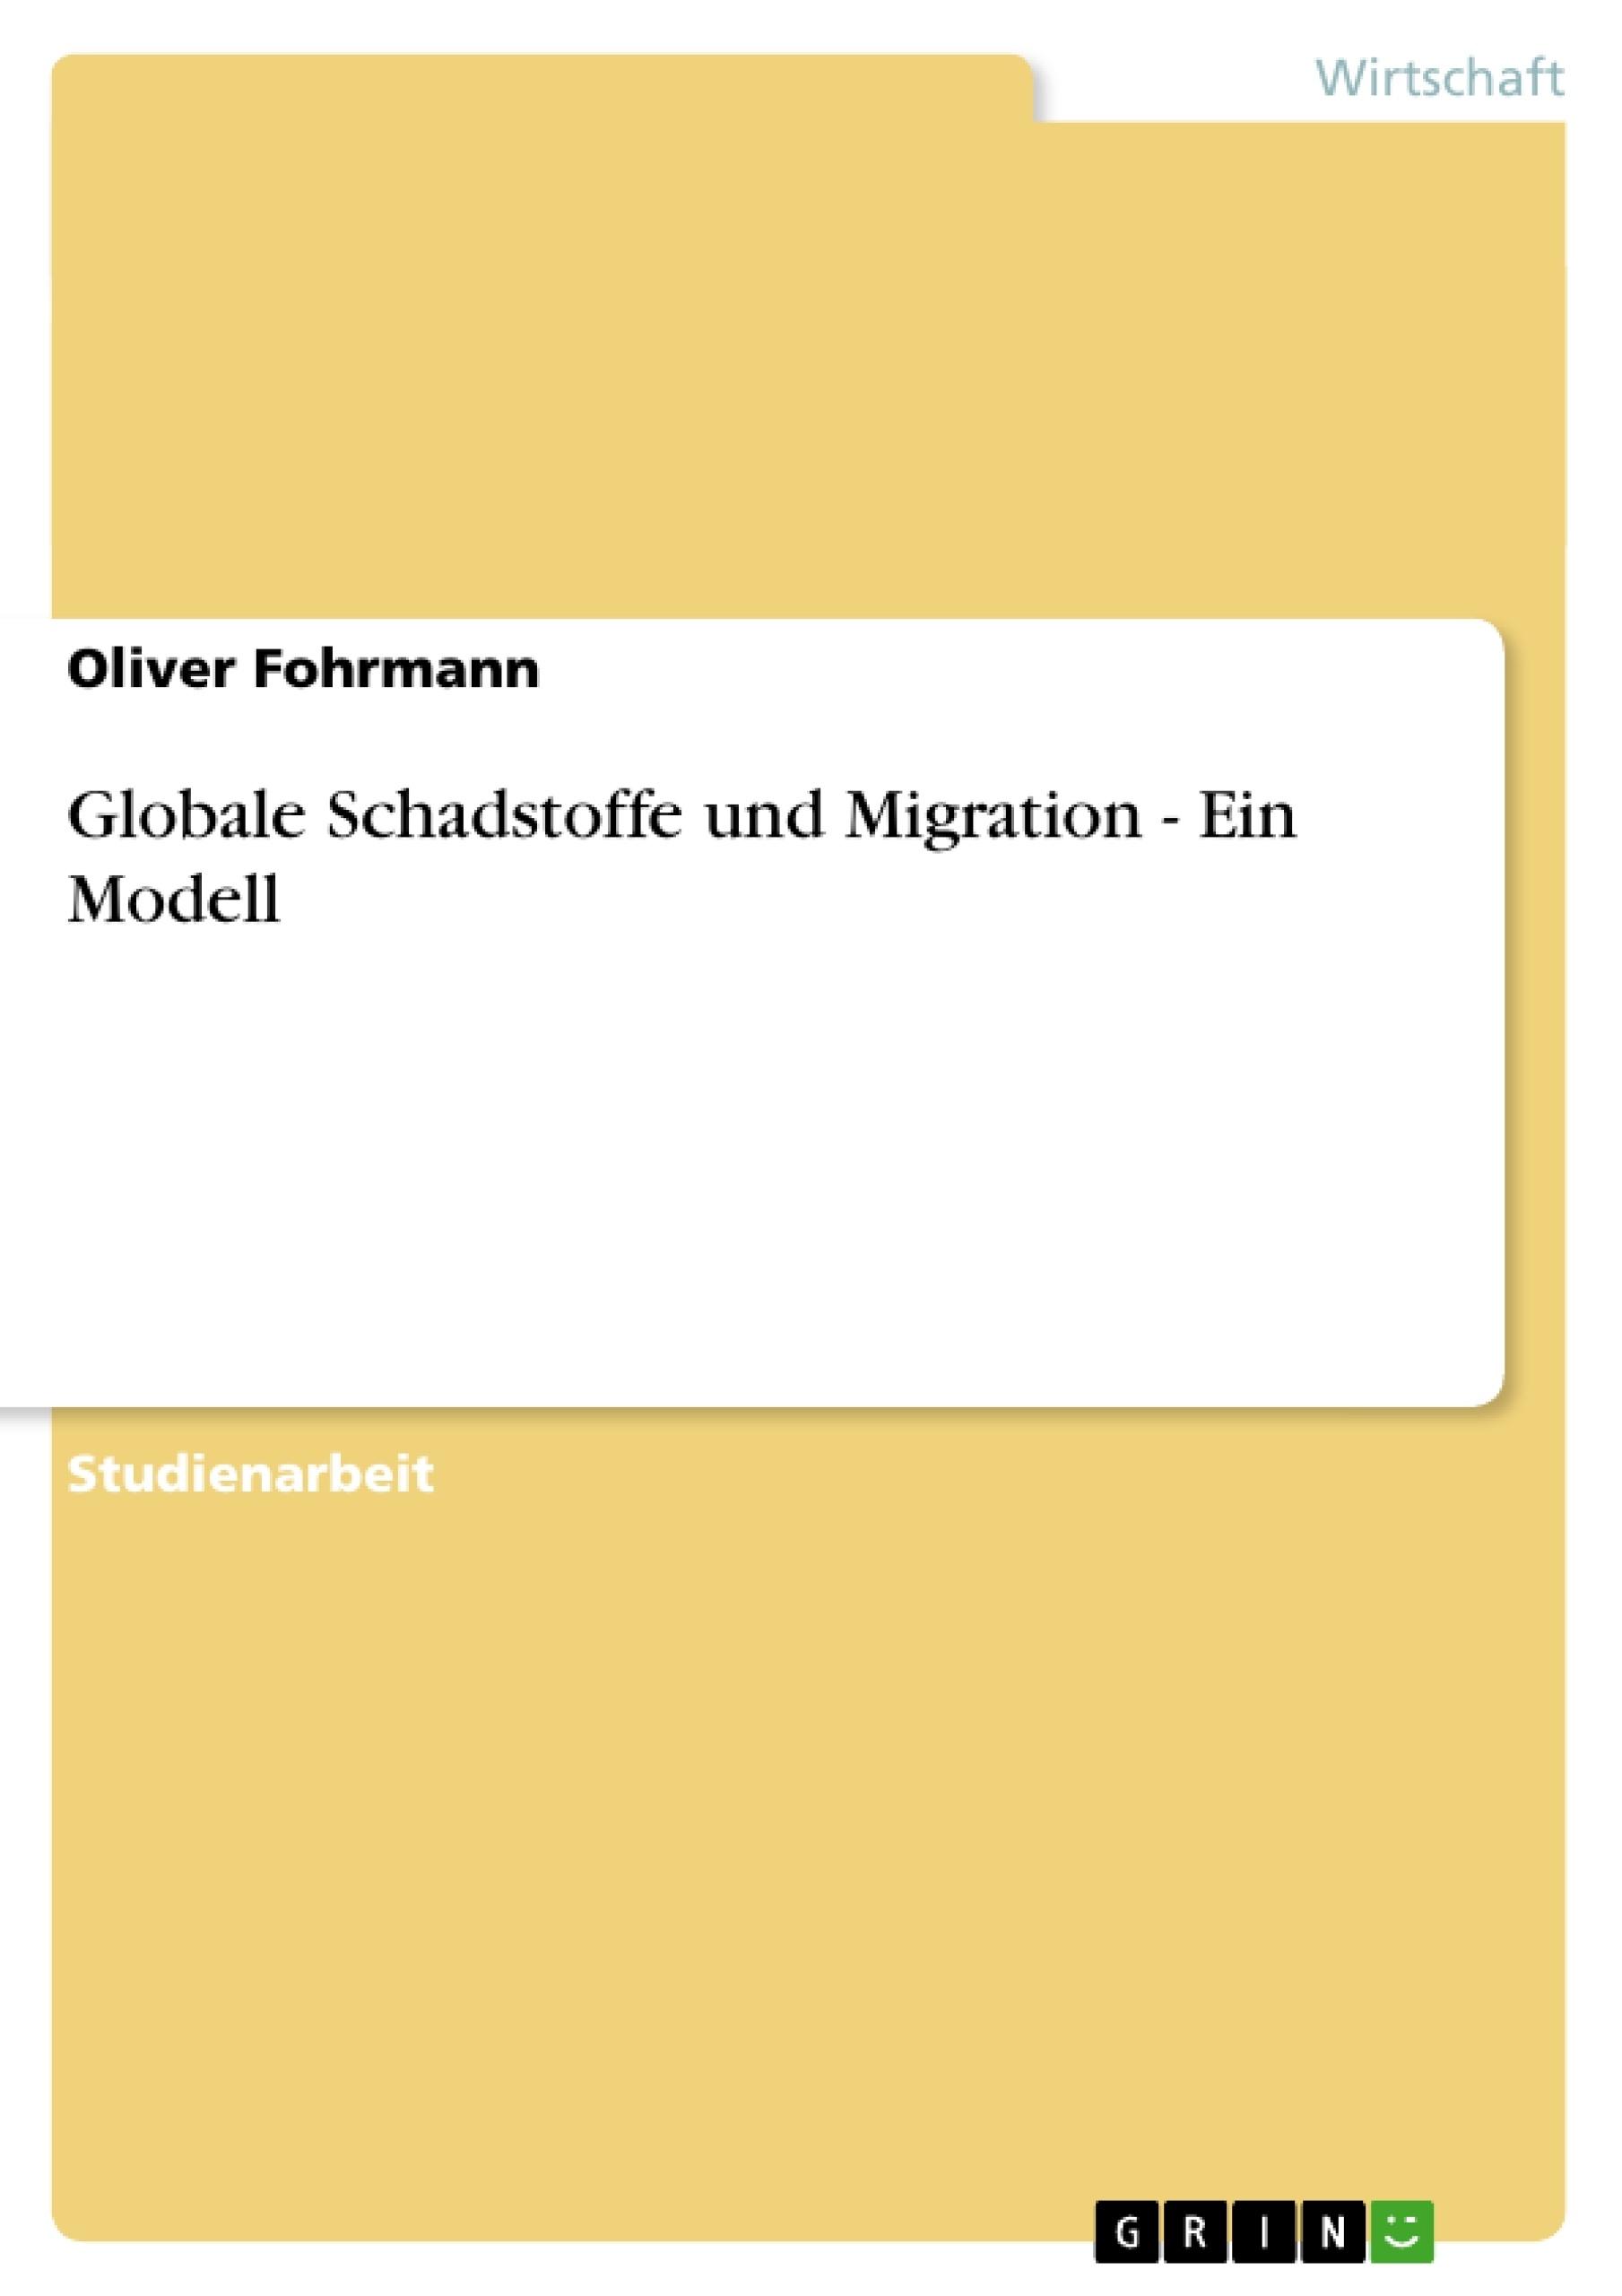 Titel: Globale Schadstoffe und Migration - Ein Modell